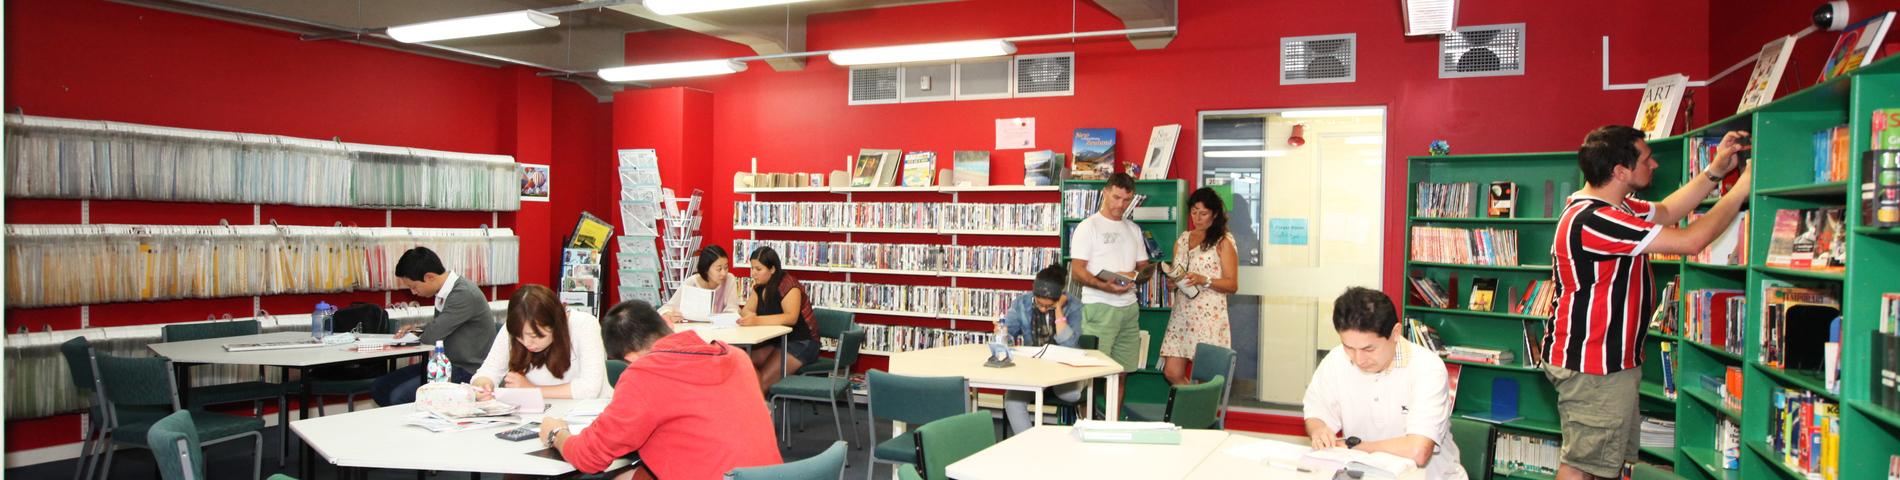 Imagen 1 de la escuela Worldwide School of English